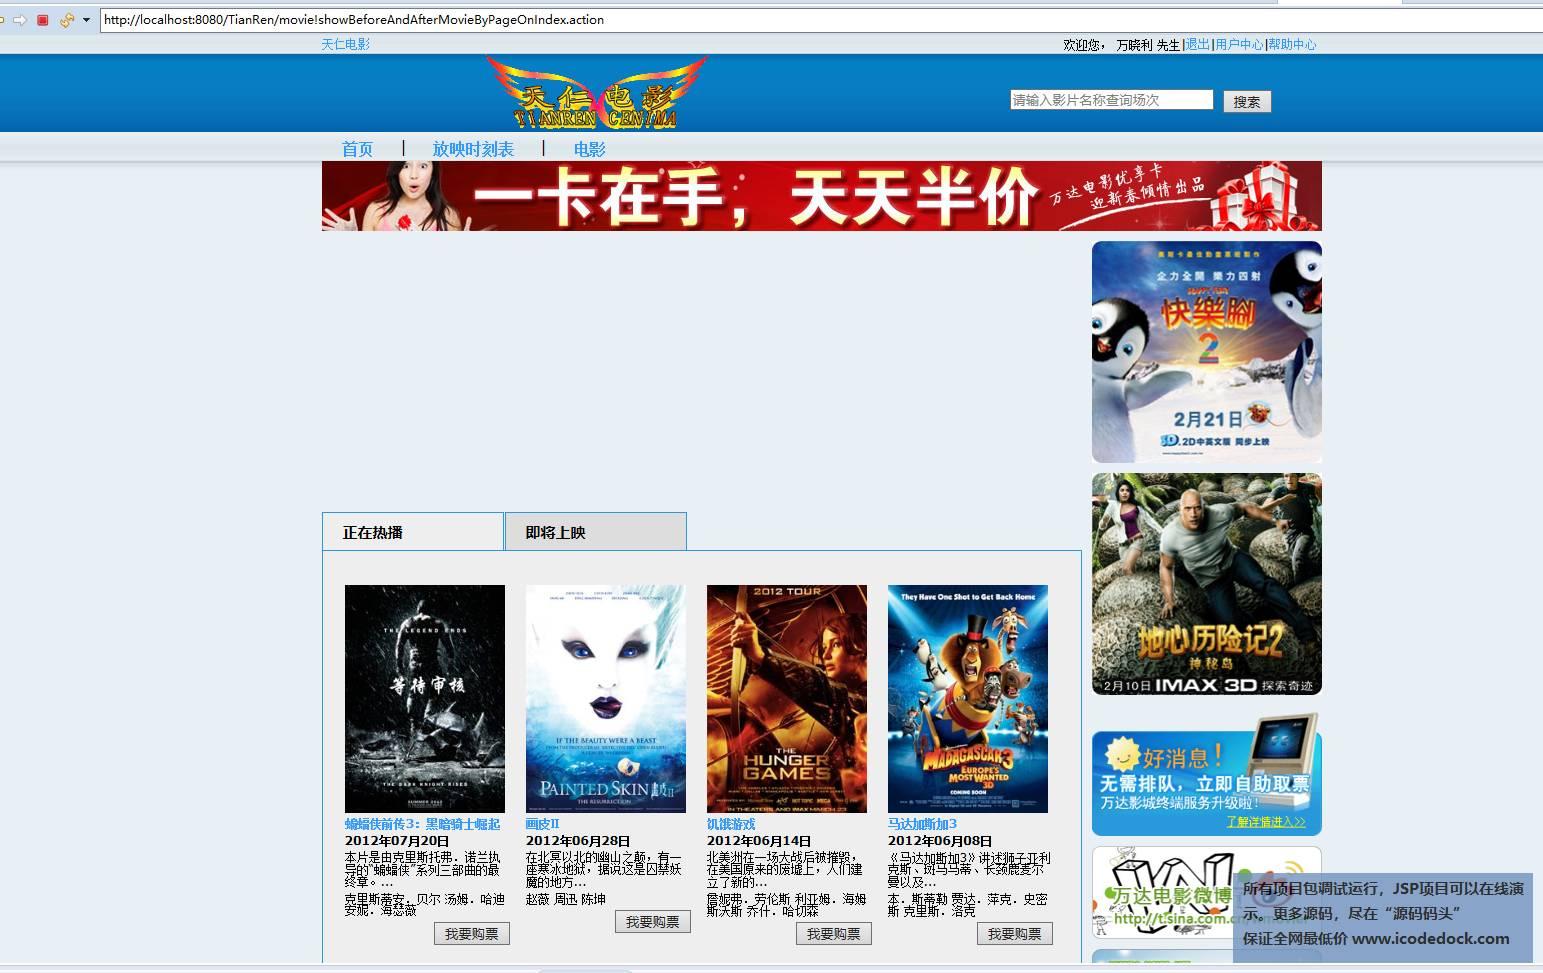 源码码头-SSH电影订票管理系统-用户页面-用户页面